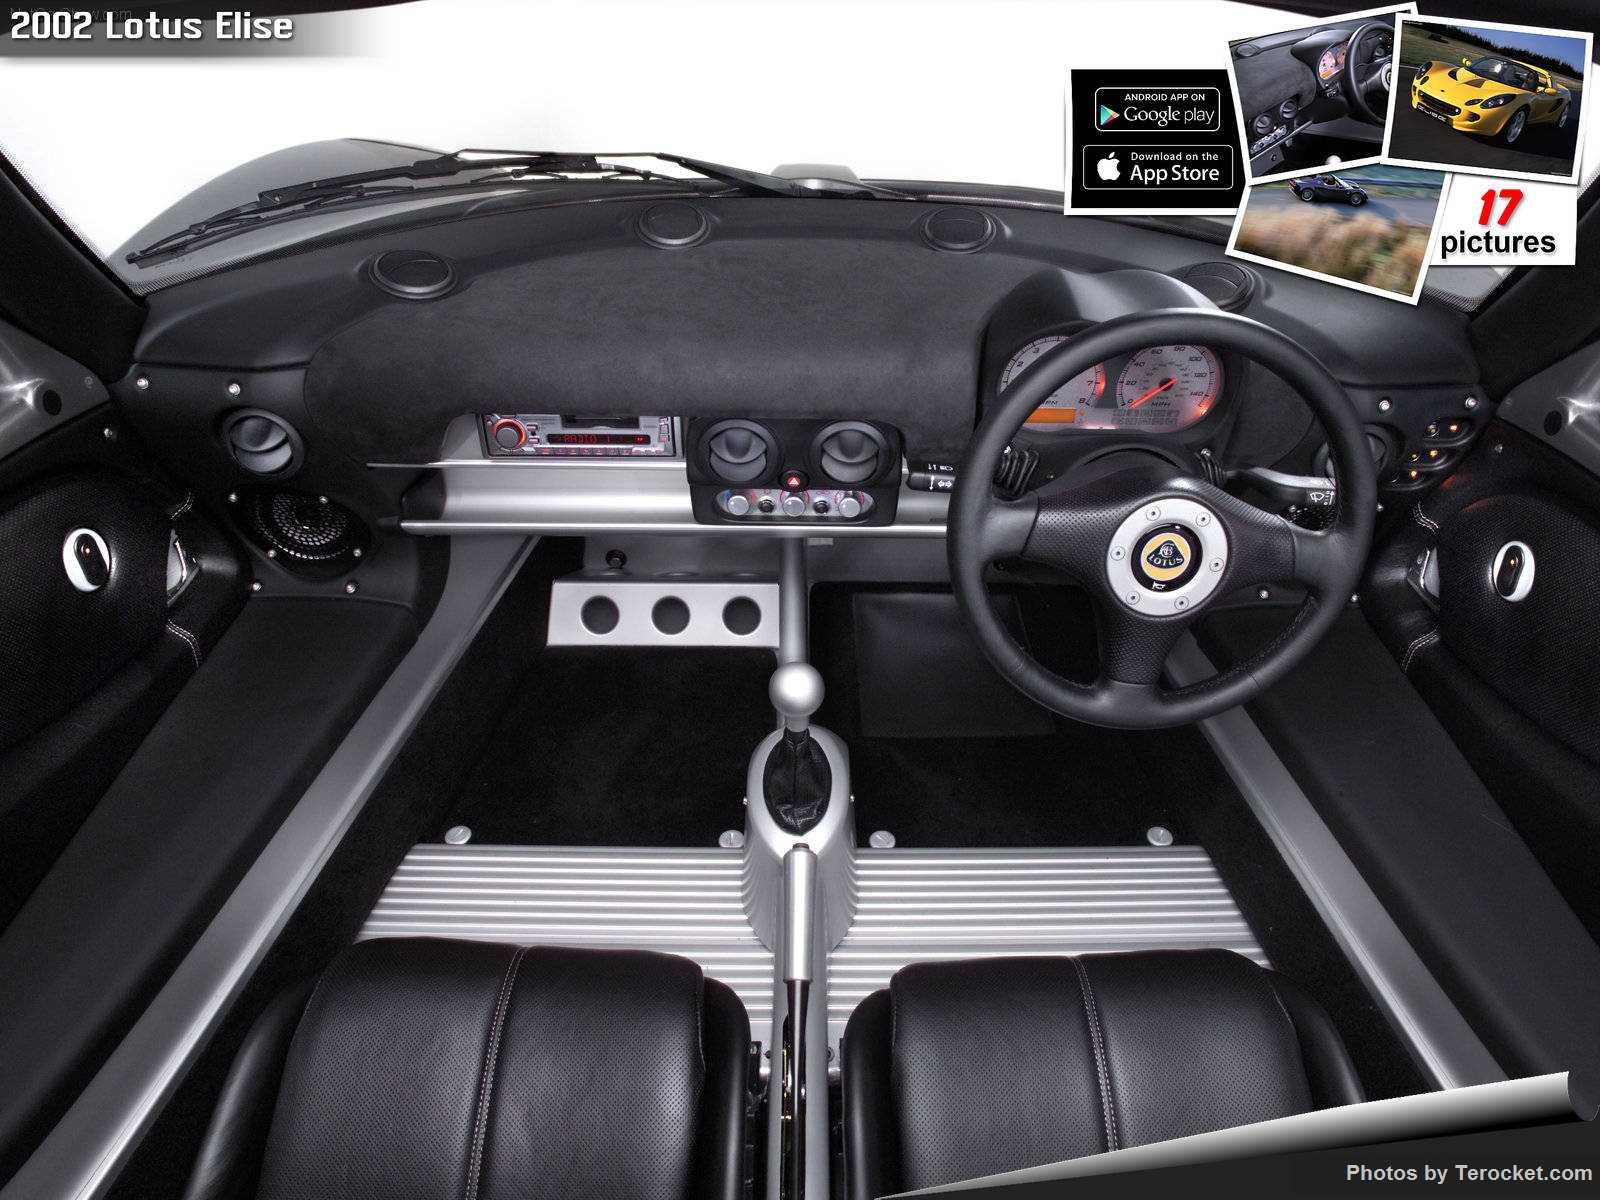 Hình ảnh siêu xe Lotus Elise 2002 & nội ngoại thất